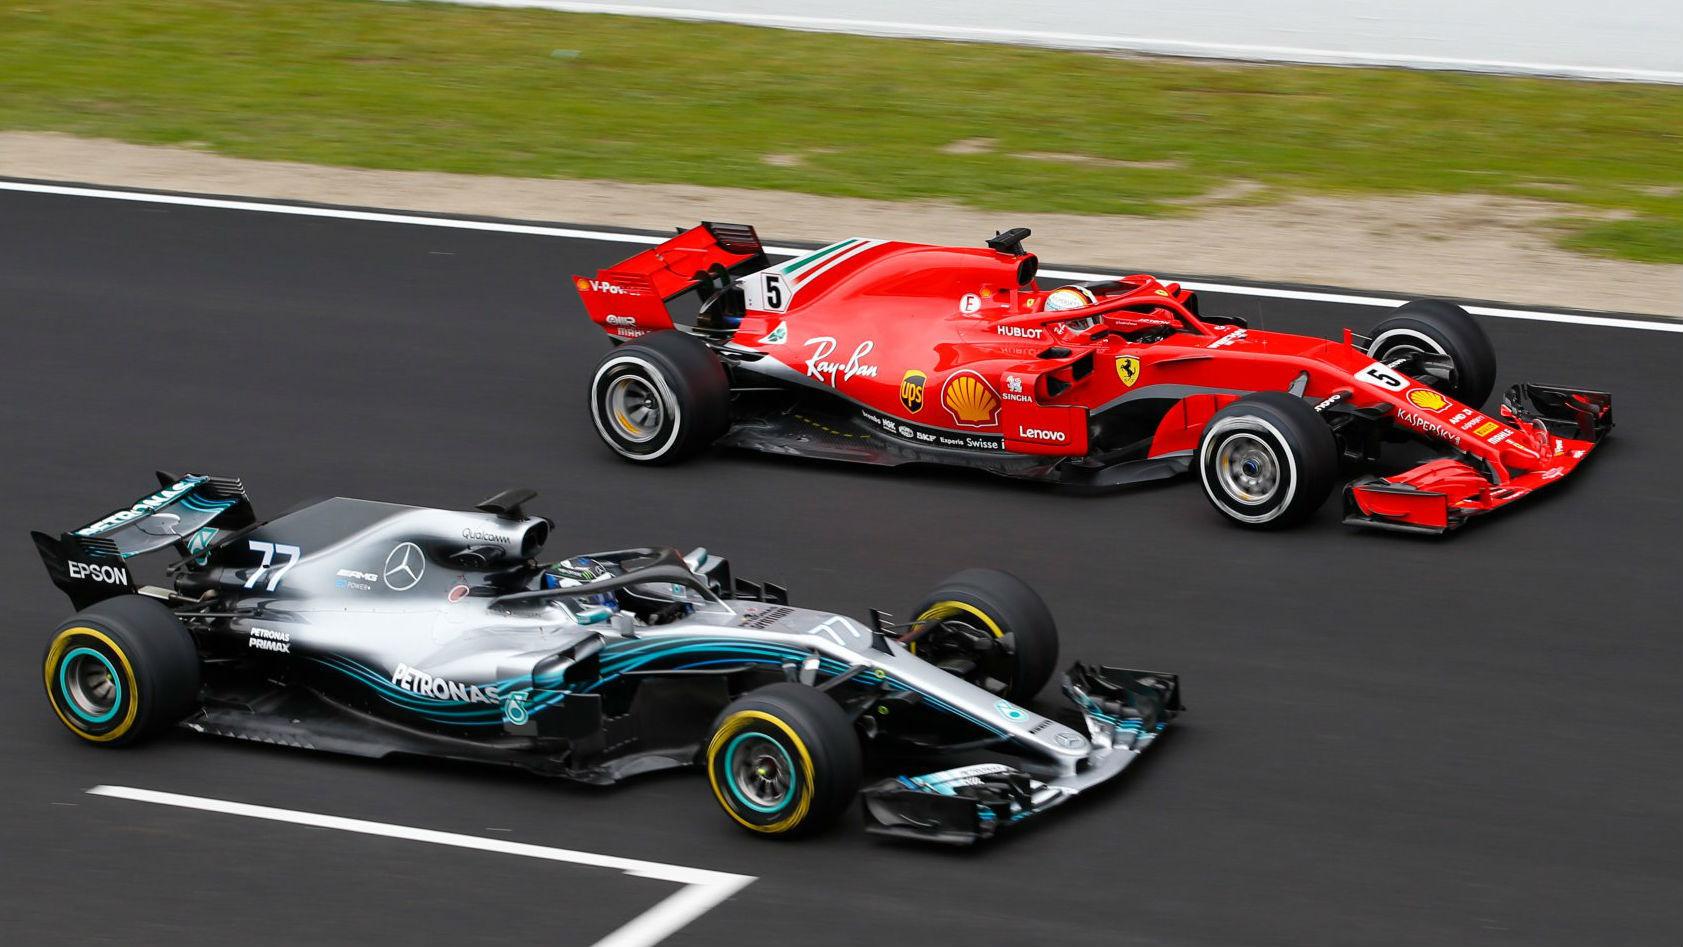 Mclaren Mercedes 2018 >> Test Formula 1 2018: Mercedes y Ferrari ponen orden, McLaren se chamusca | Marca.com